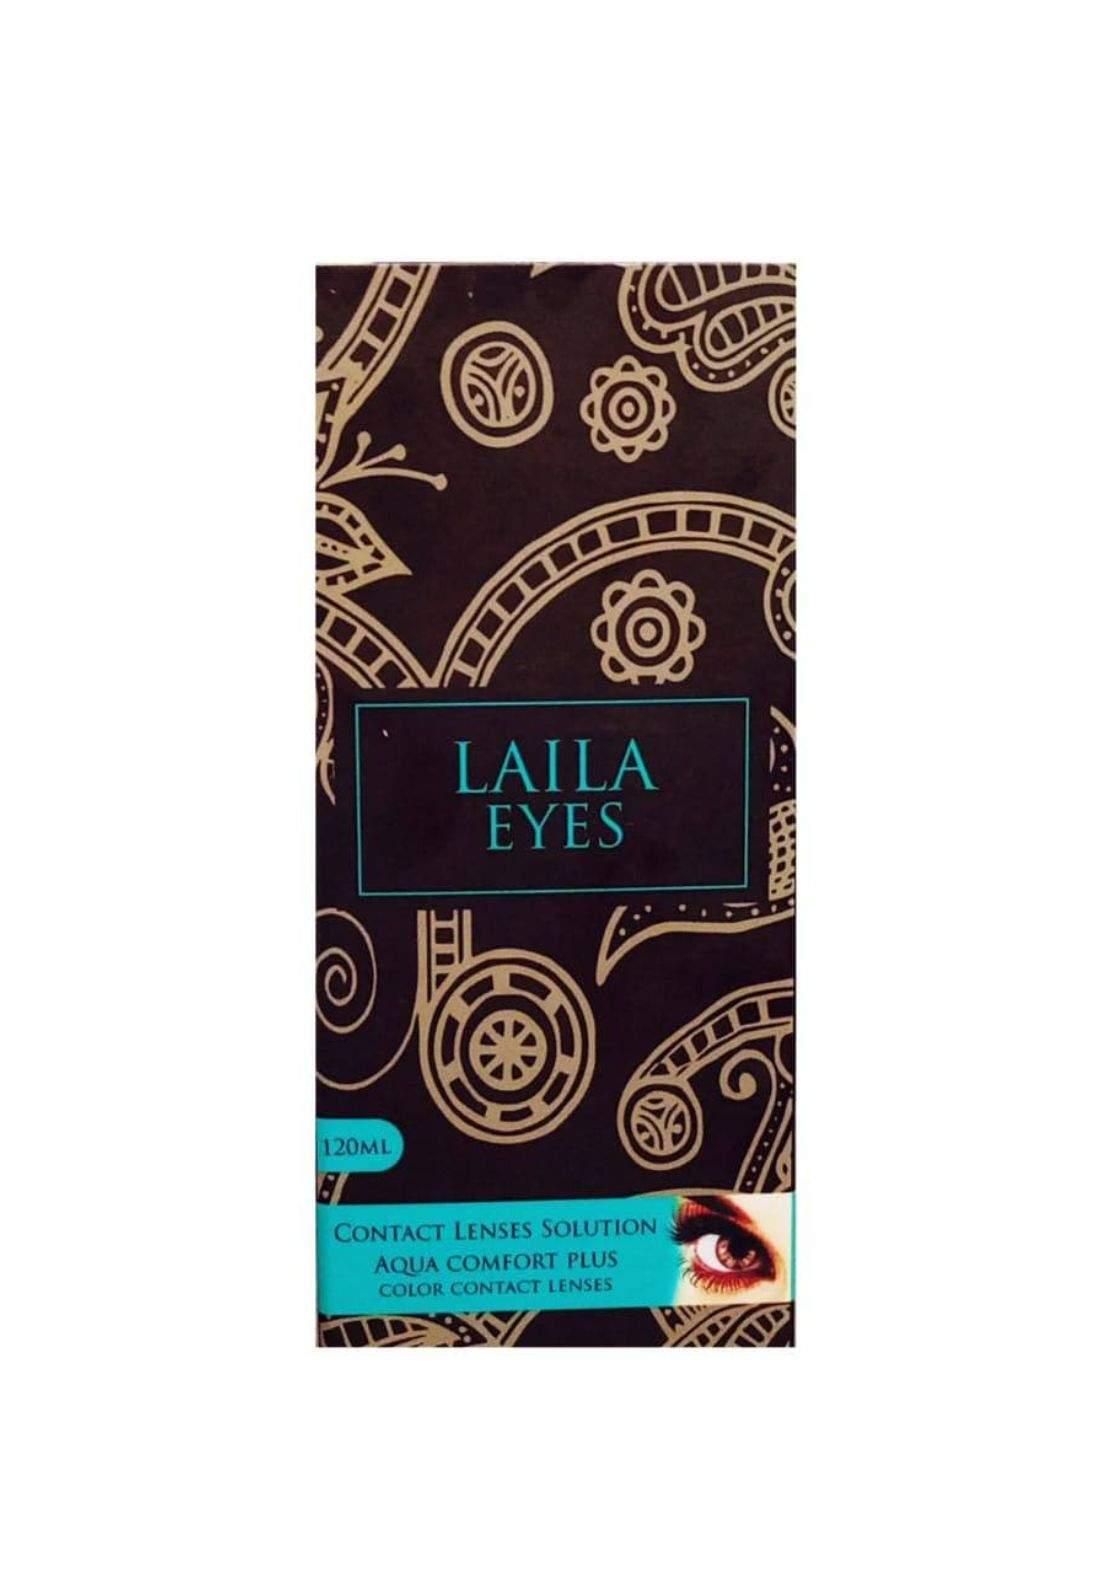 Laila eyes120ml ماء عدسات